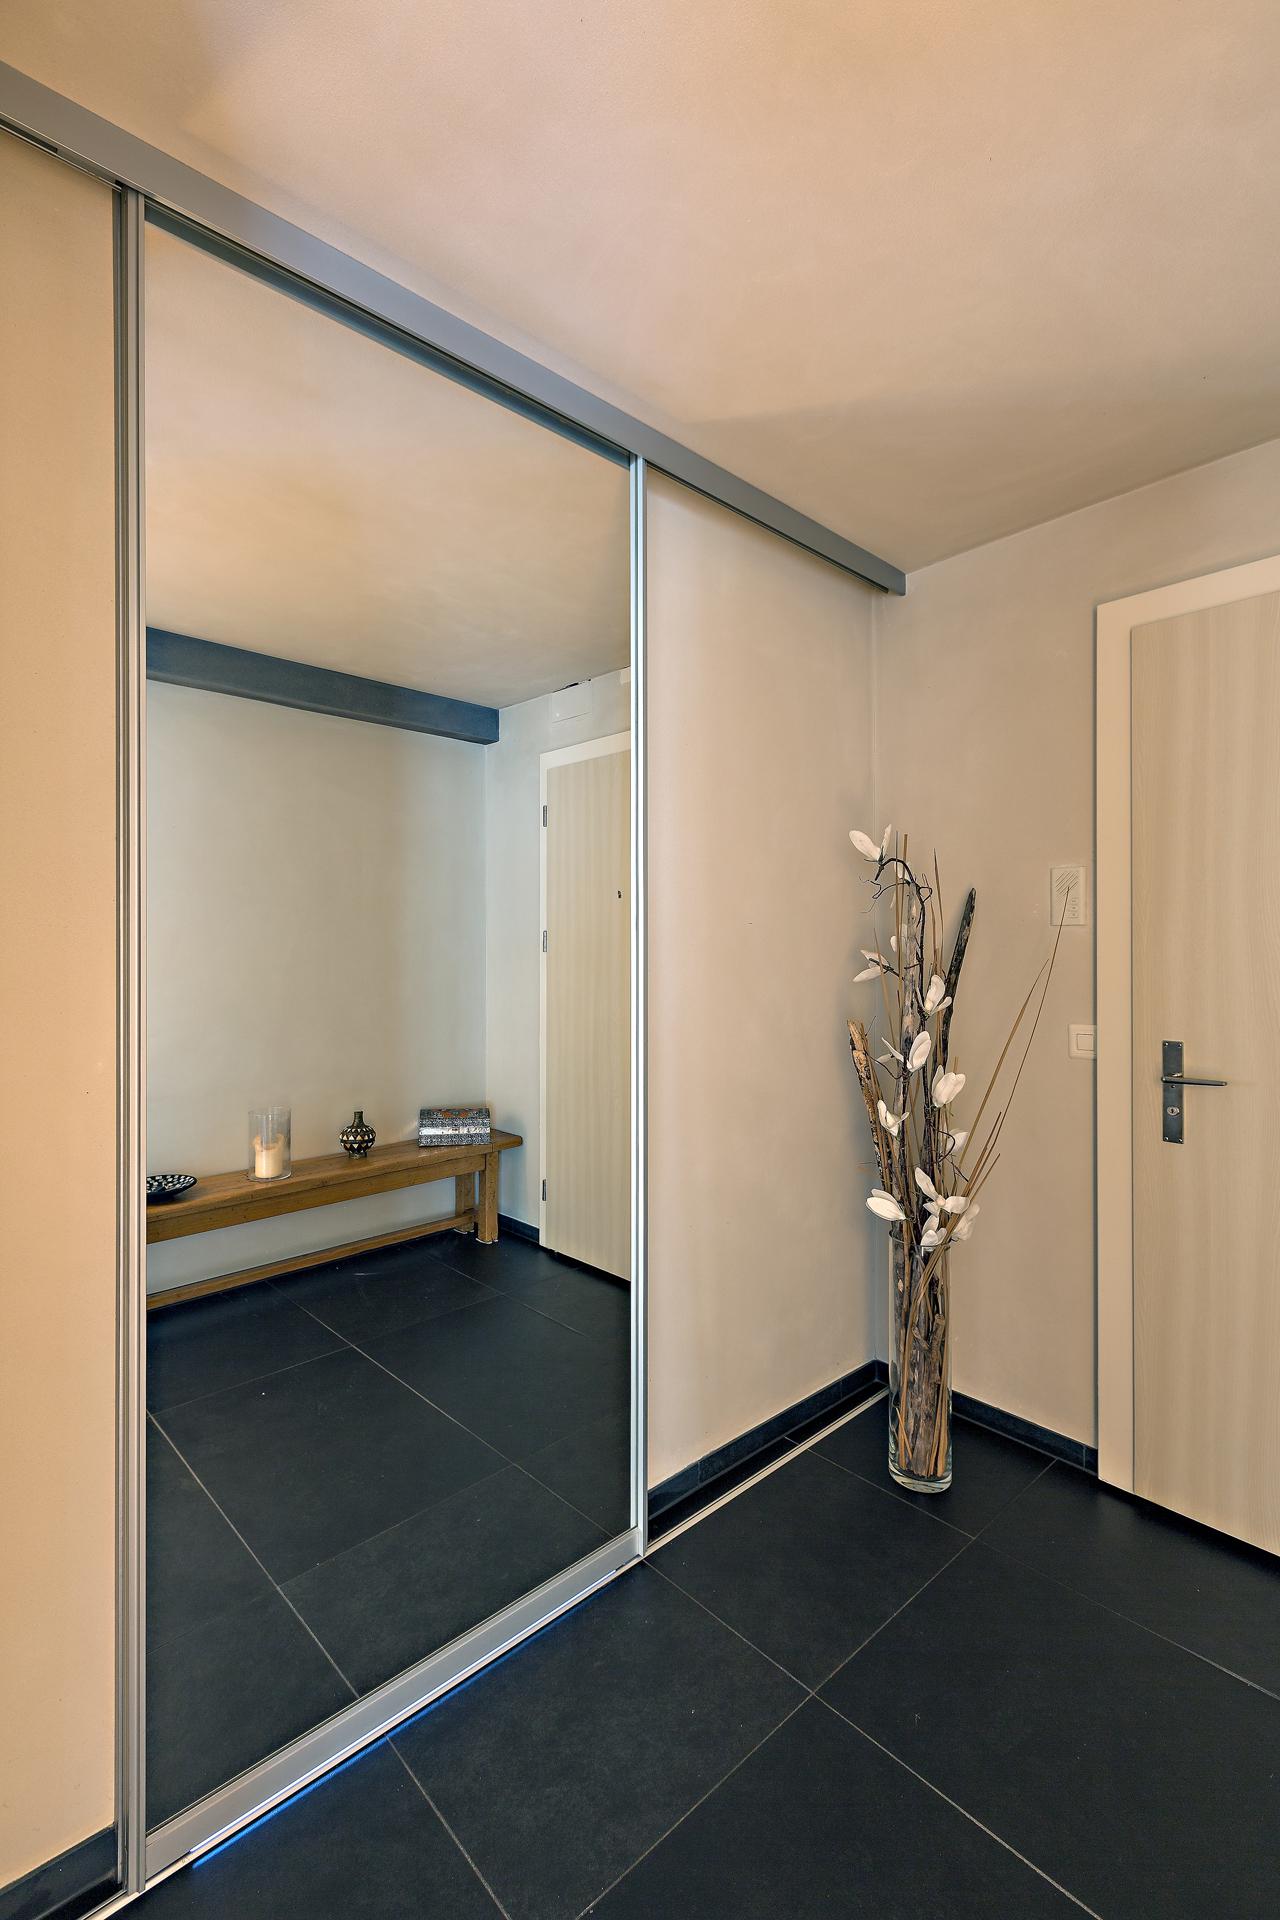 Schiebetüre in grossflächigem Spiegel als Eingang ins Badezimmer ...